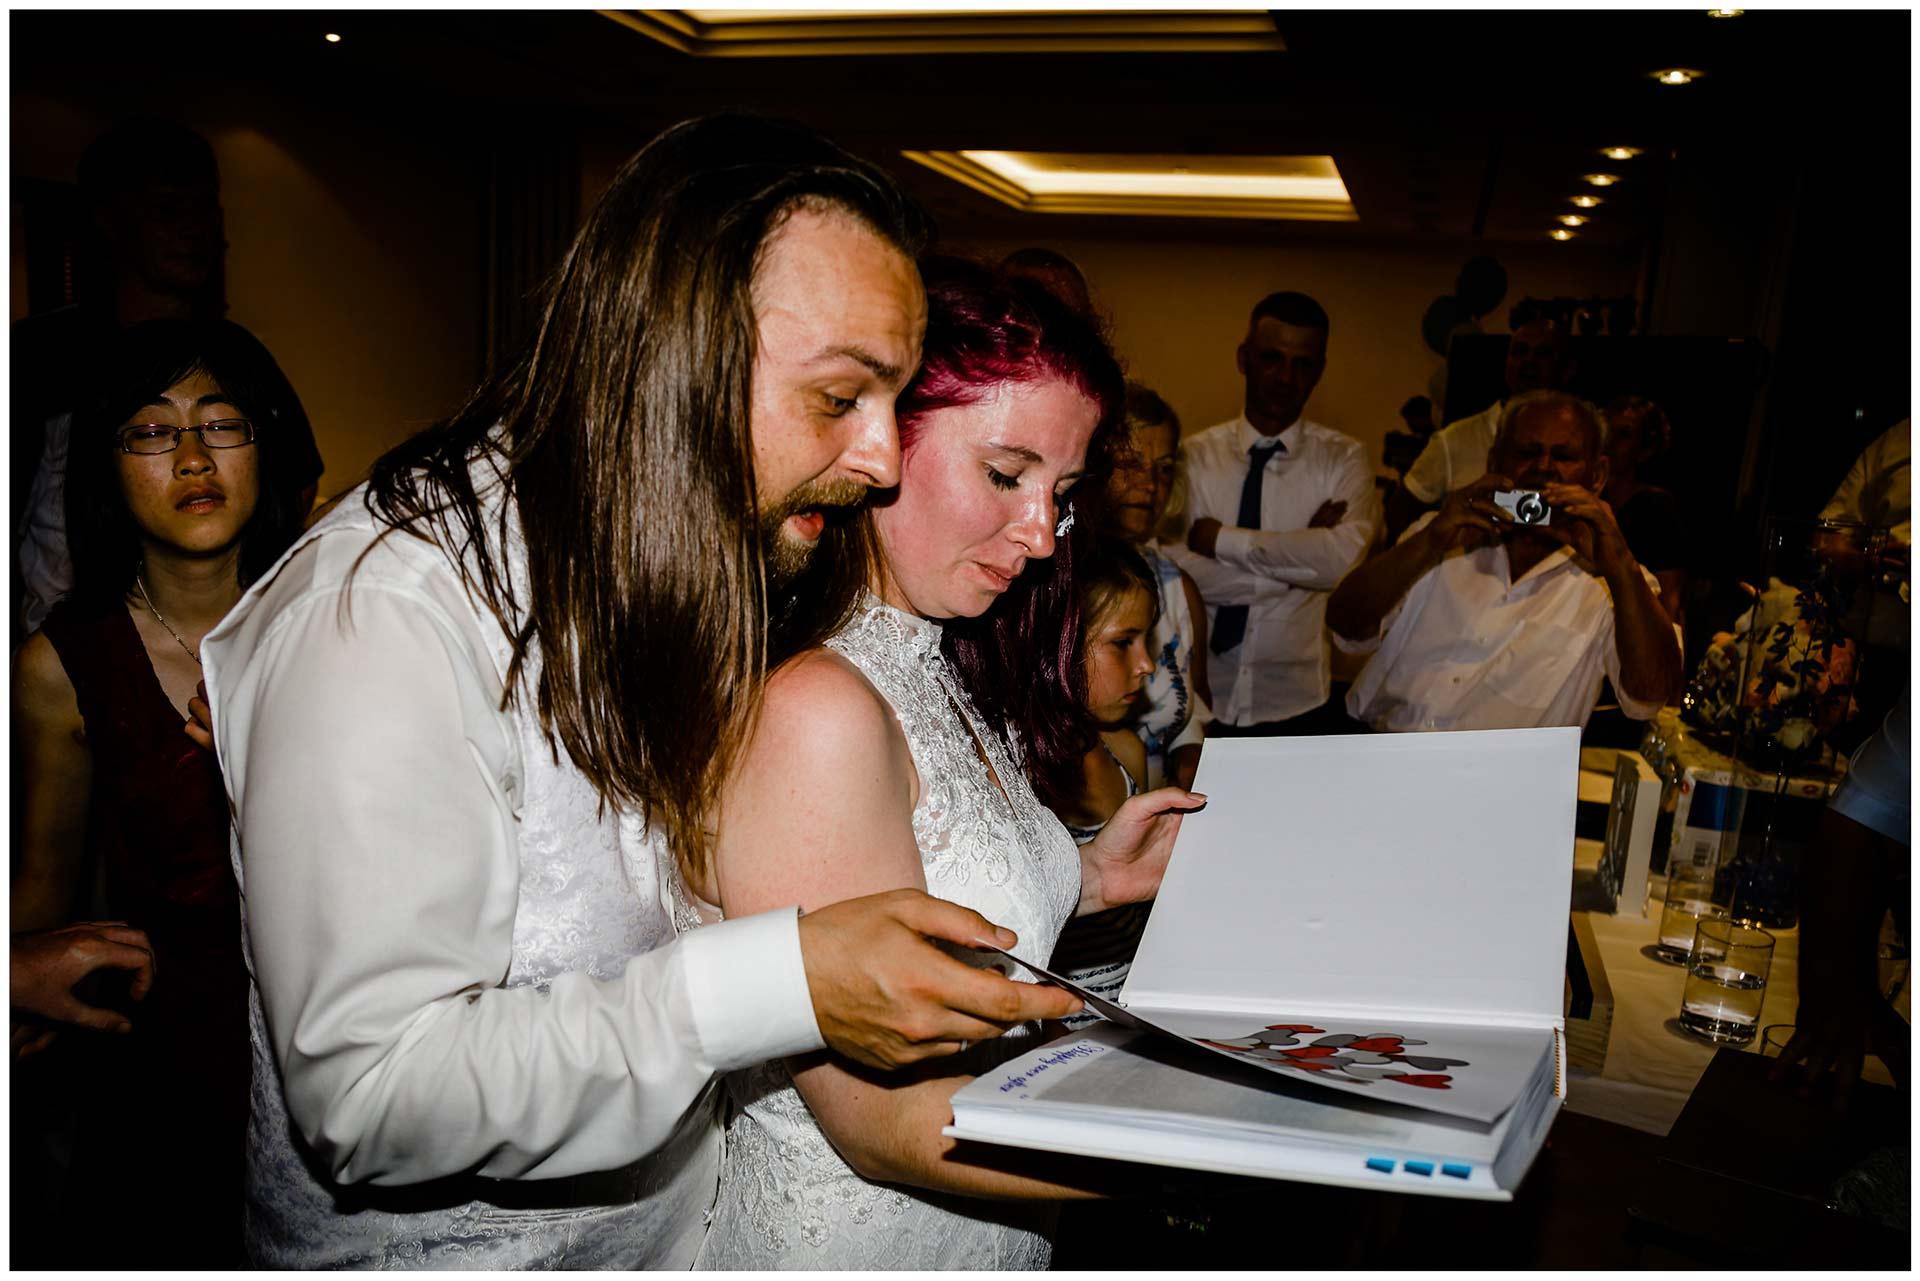 Hochzeitspaar-schaut-sich-ein-Fotoalbum-an-Hochzeit-im-Hotel-Neptun-Hochzeitsfotograf-Warnemuende-Hochzeitsfotograf-Rostock-Hochzeitsfotograf-Ostseebad-Warnemuende